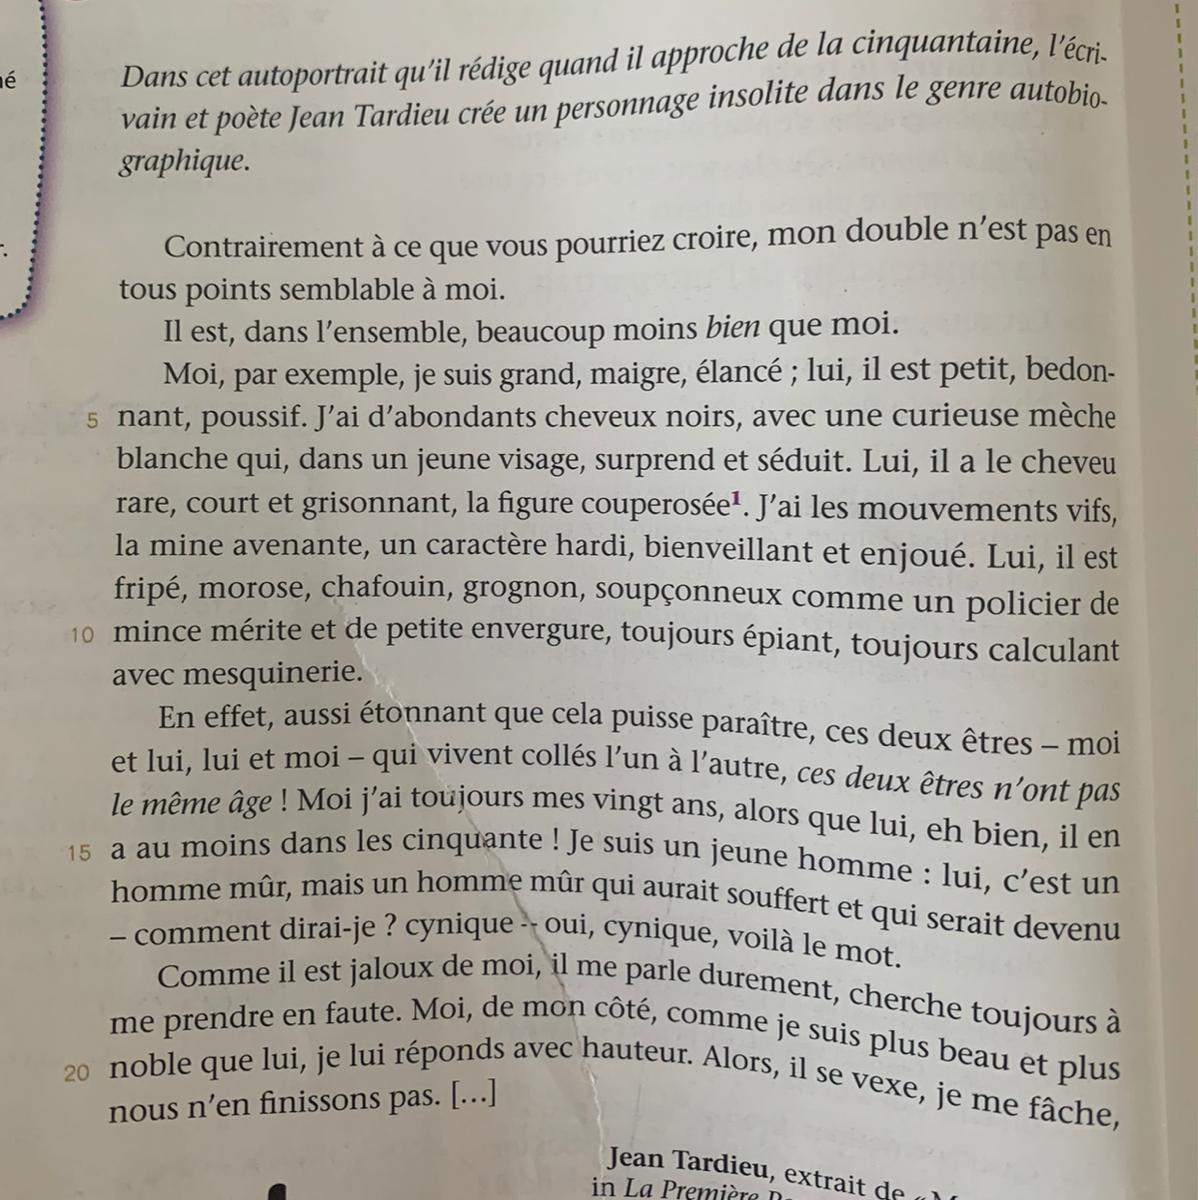 Rédaction Faire Un Texte à La Manière De Jean Tardieu Si